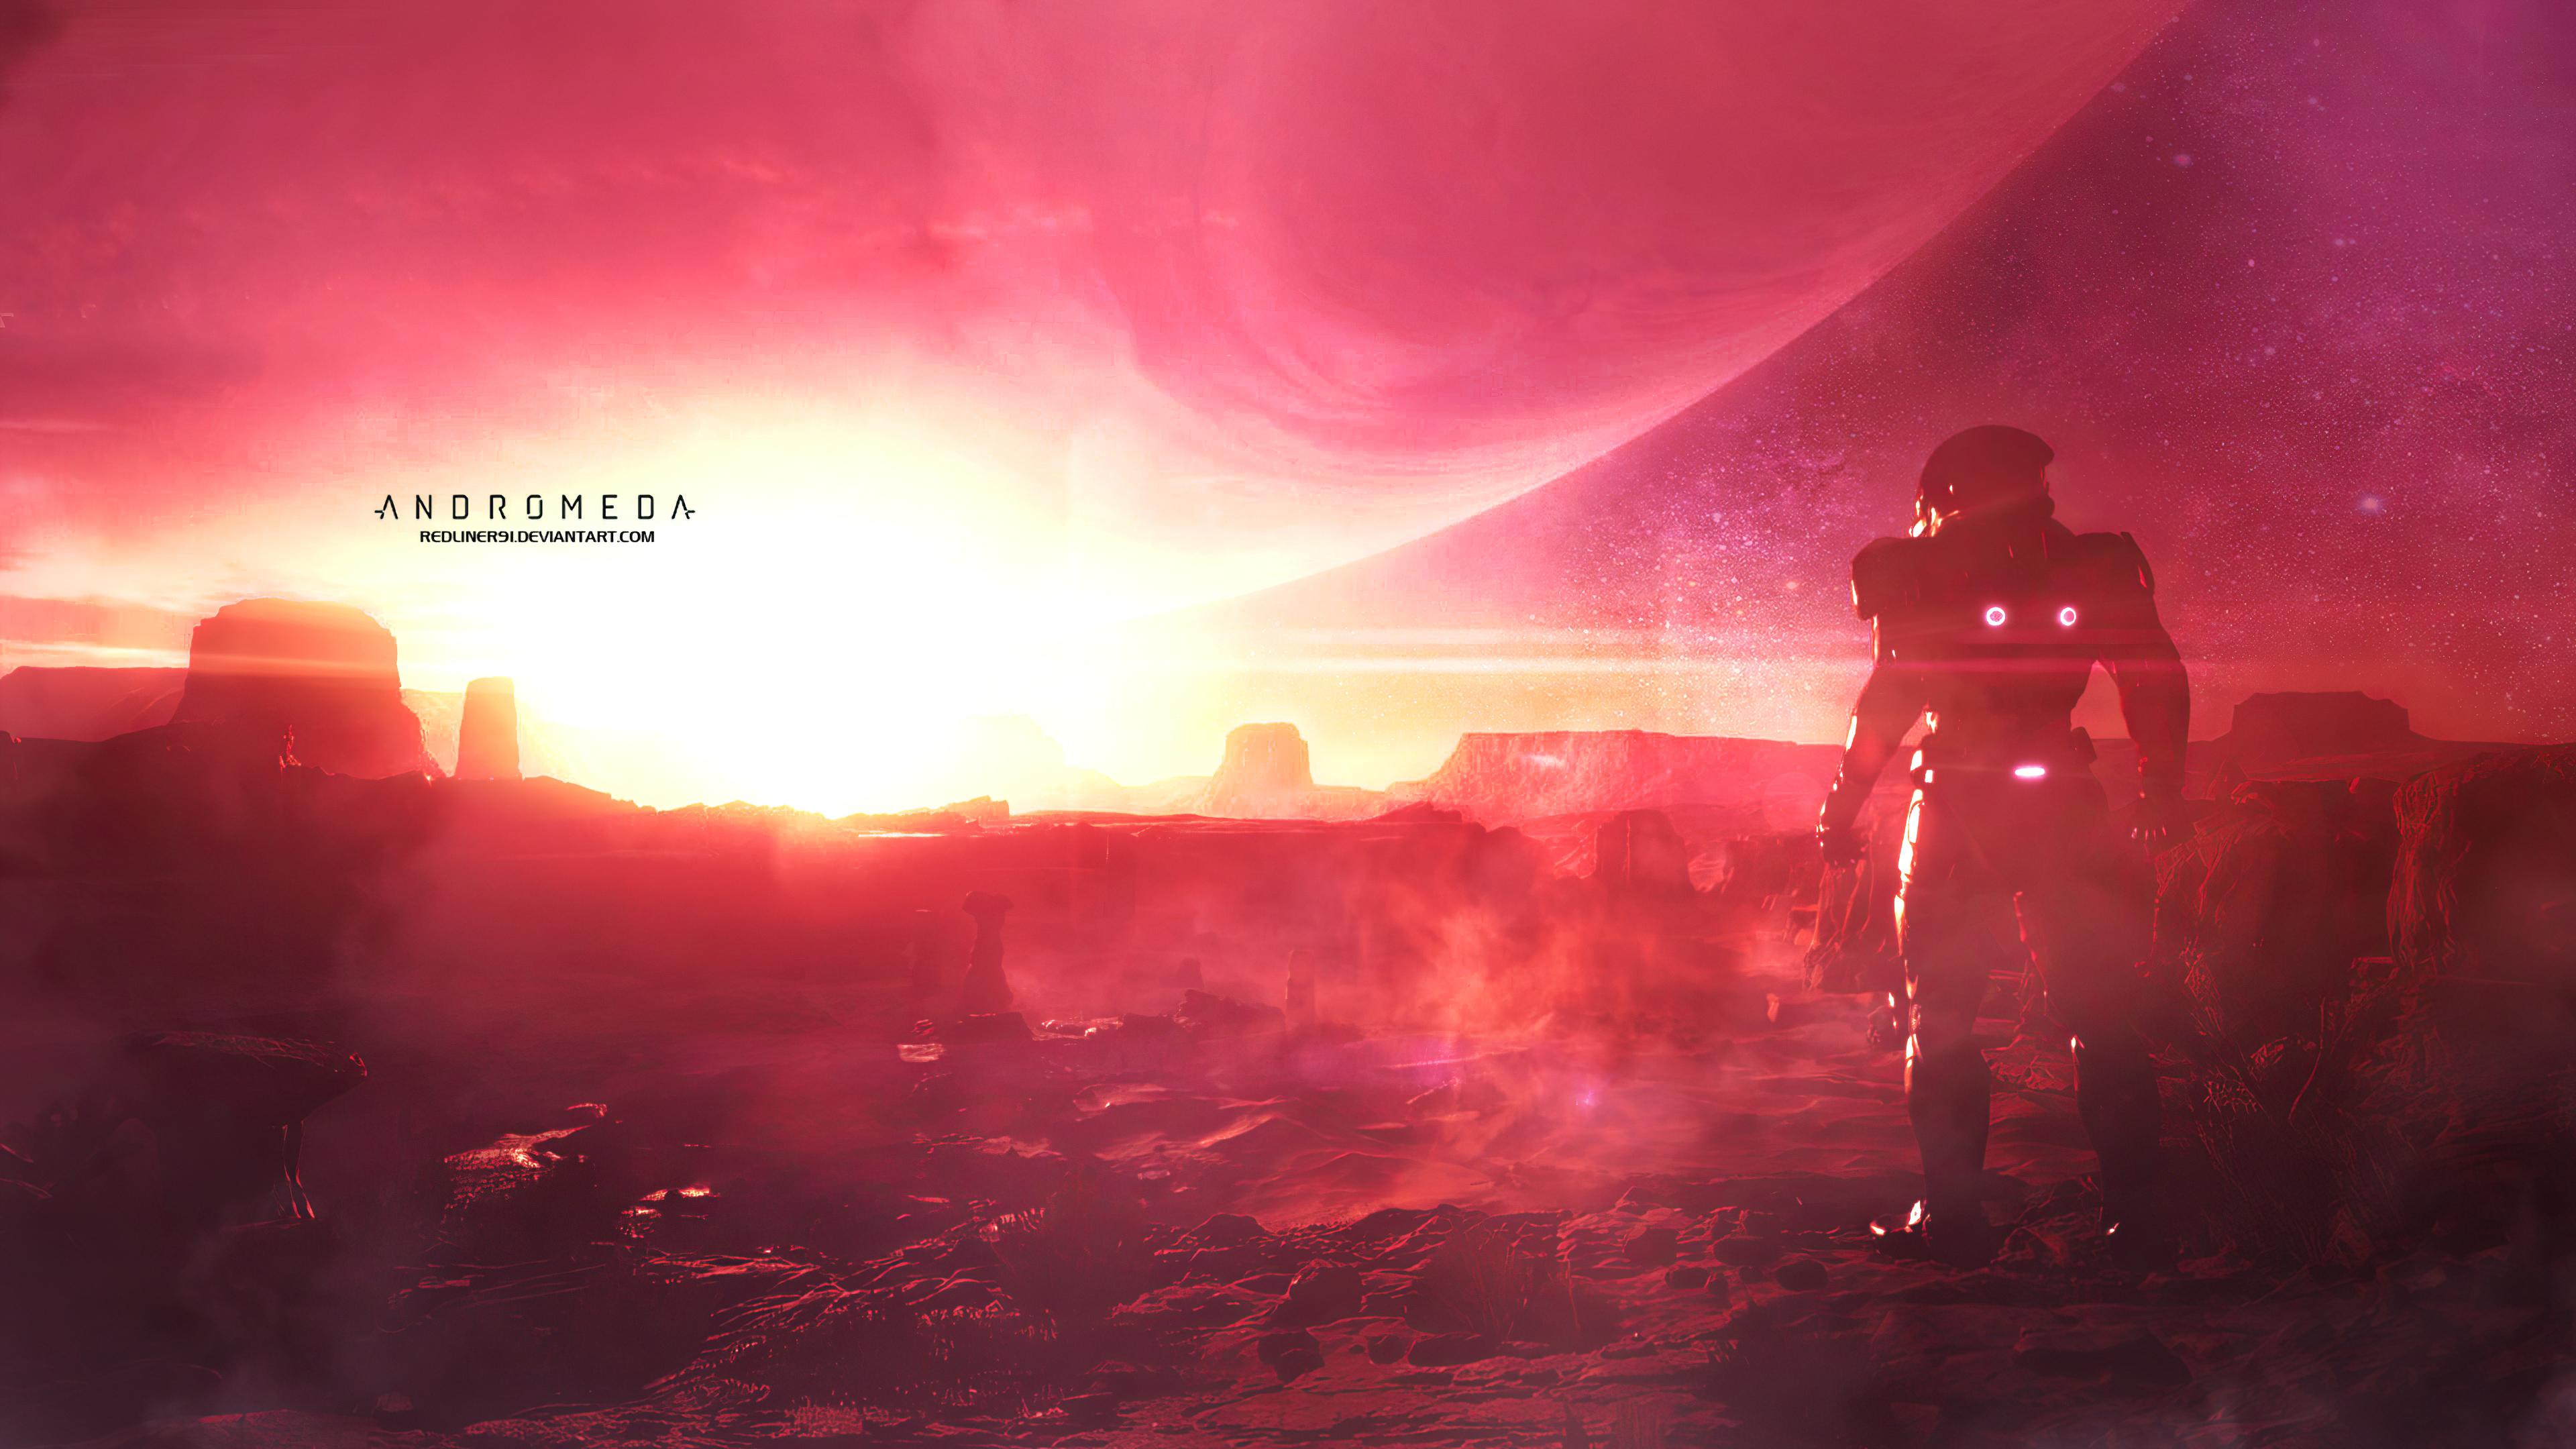 mass effect andromeda 2020 1581273845 - Mass Effect Andromeda 2020 - Mass Effect Andromeda 2020 game wallpapers, Mass Effect Andromeda 2020 4k wallpapers